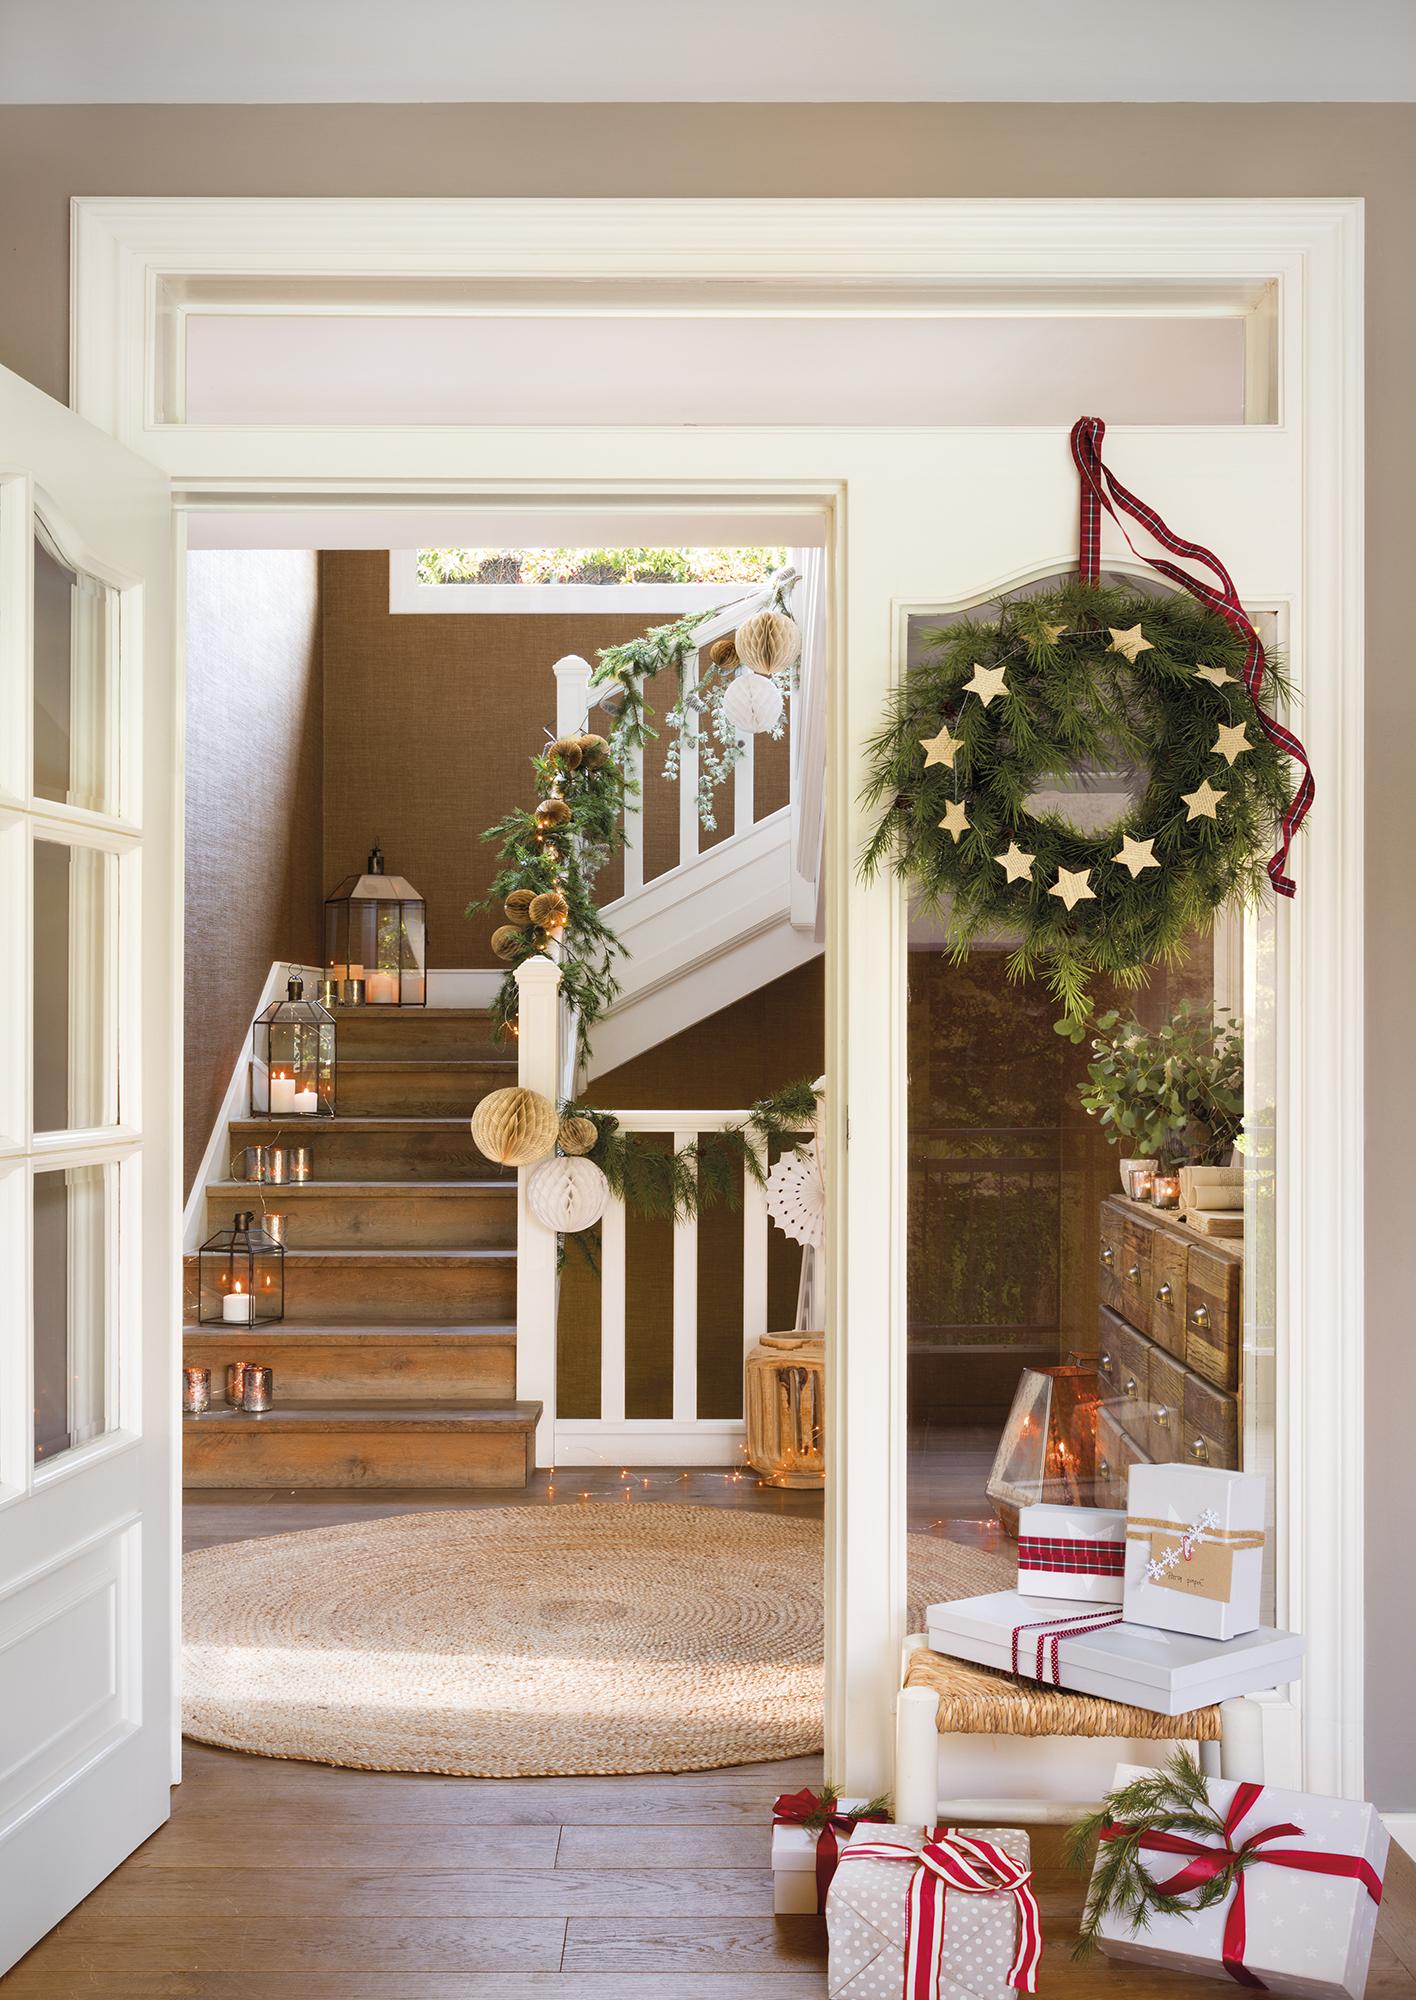 H8B6879d. una escalera decorada con guirnaldas de navidad